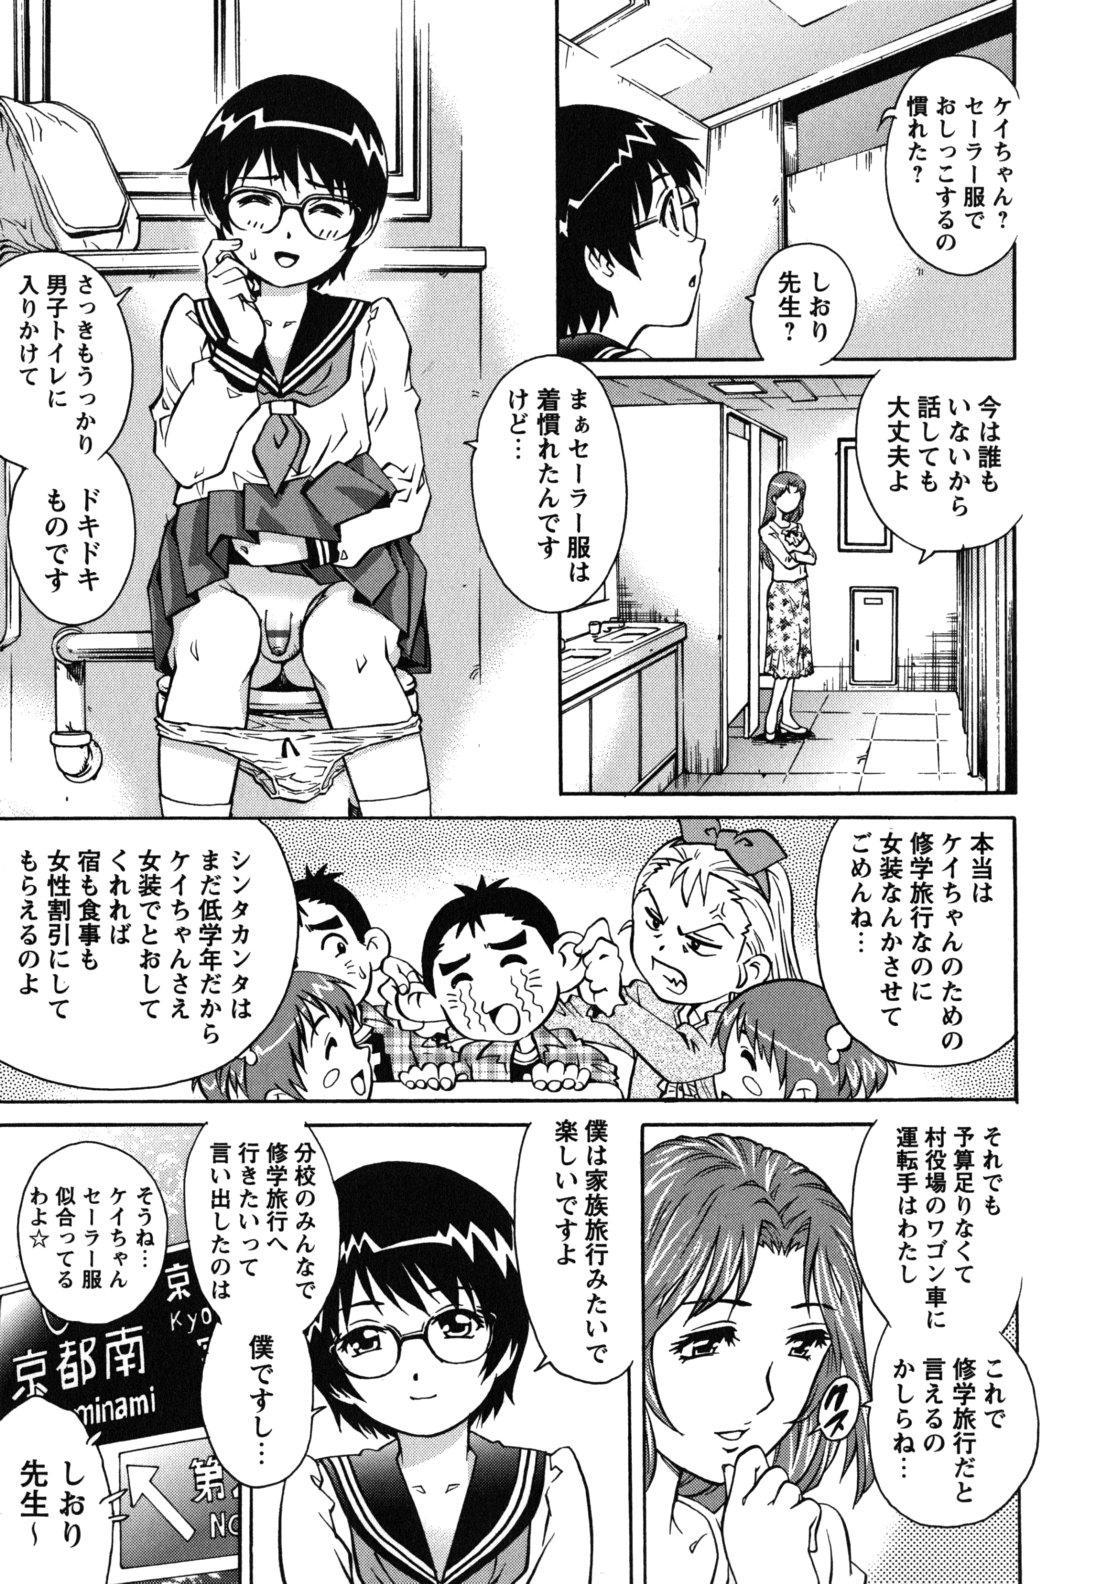 Hajimete no SEX 53